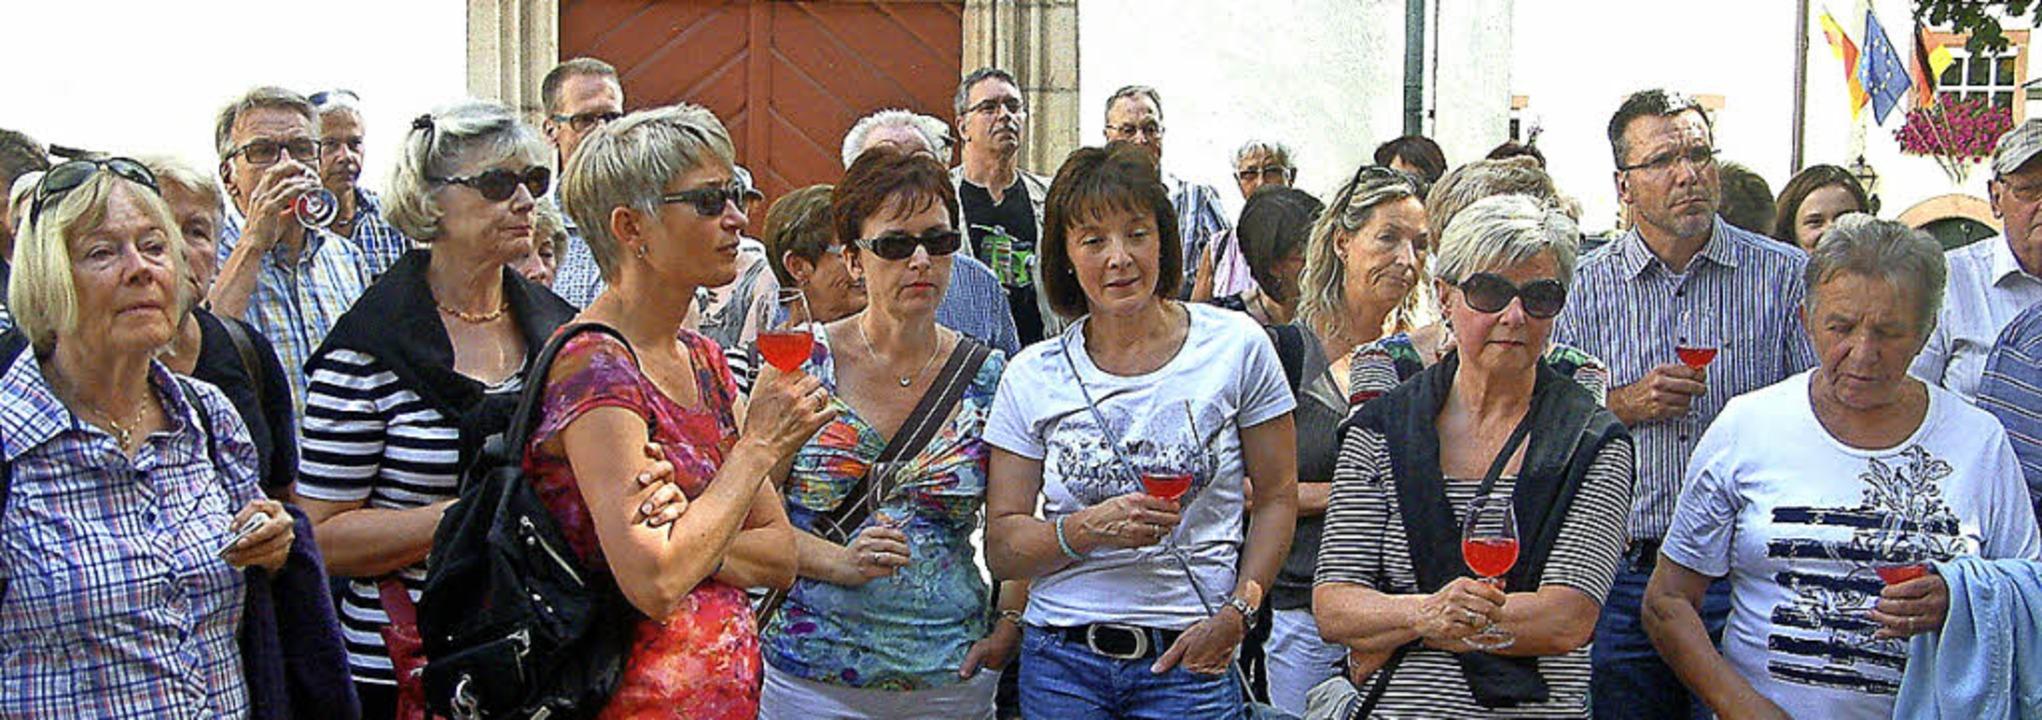 Gespannt lauschten die Teilnehmer der ...n Geschichten der Wiesentäler Dichter.  | Foto: Roswitha Frey